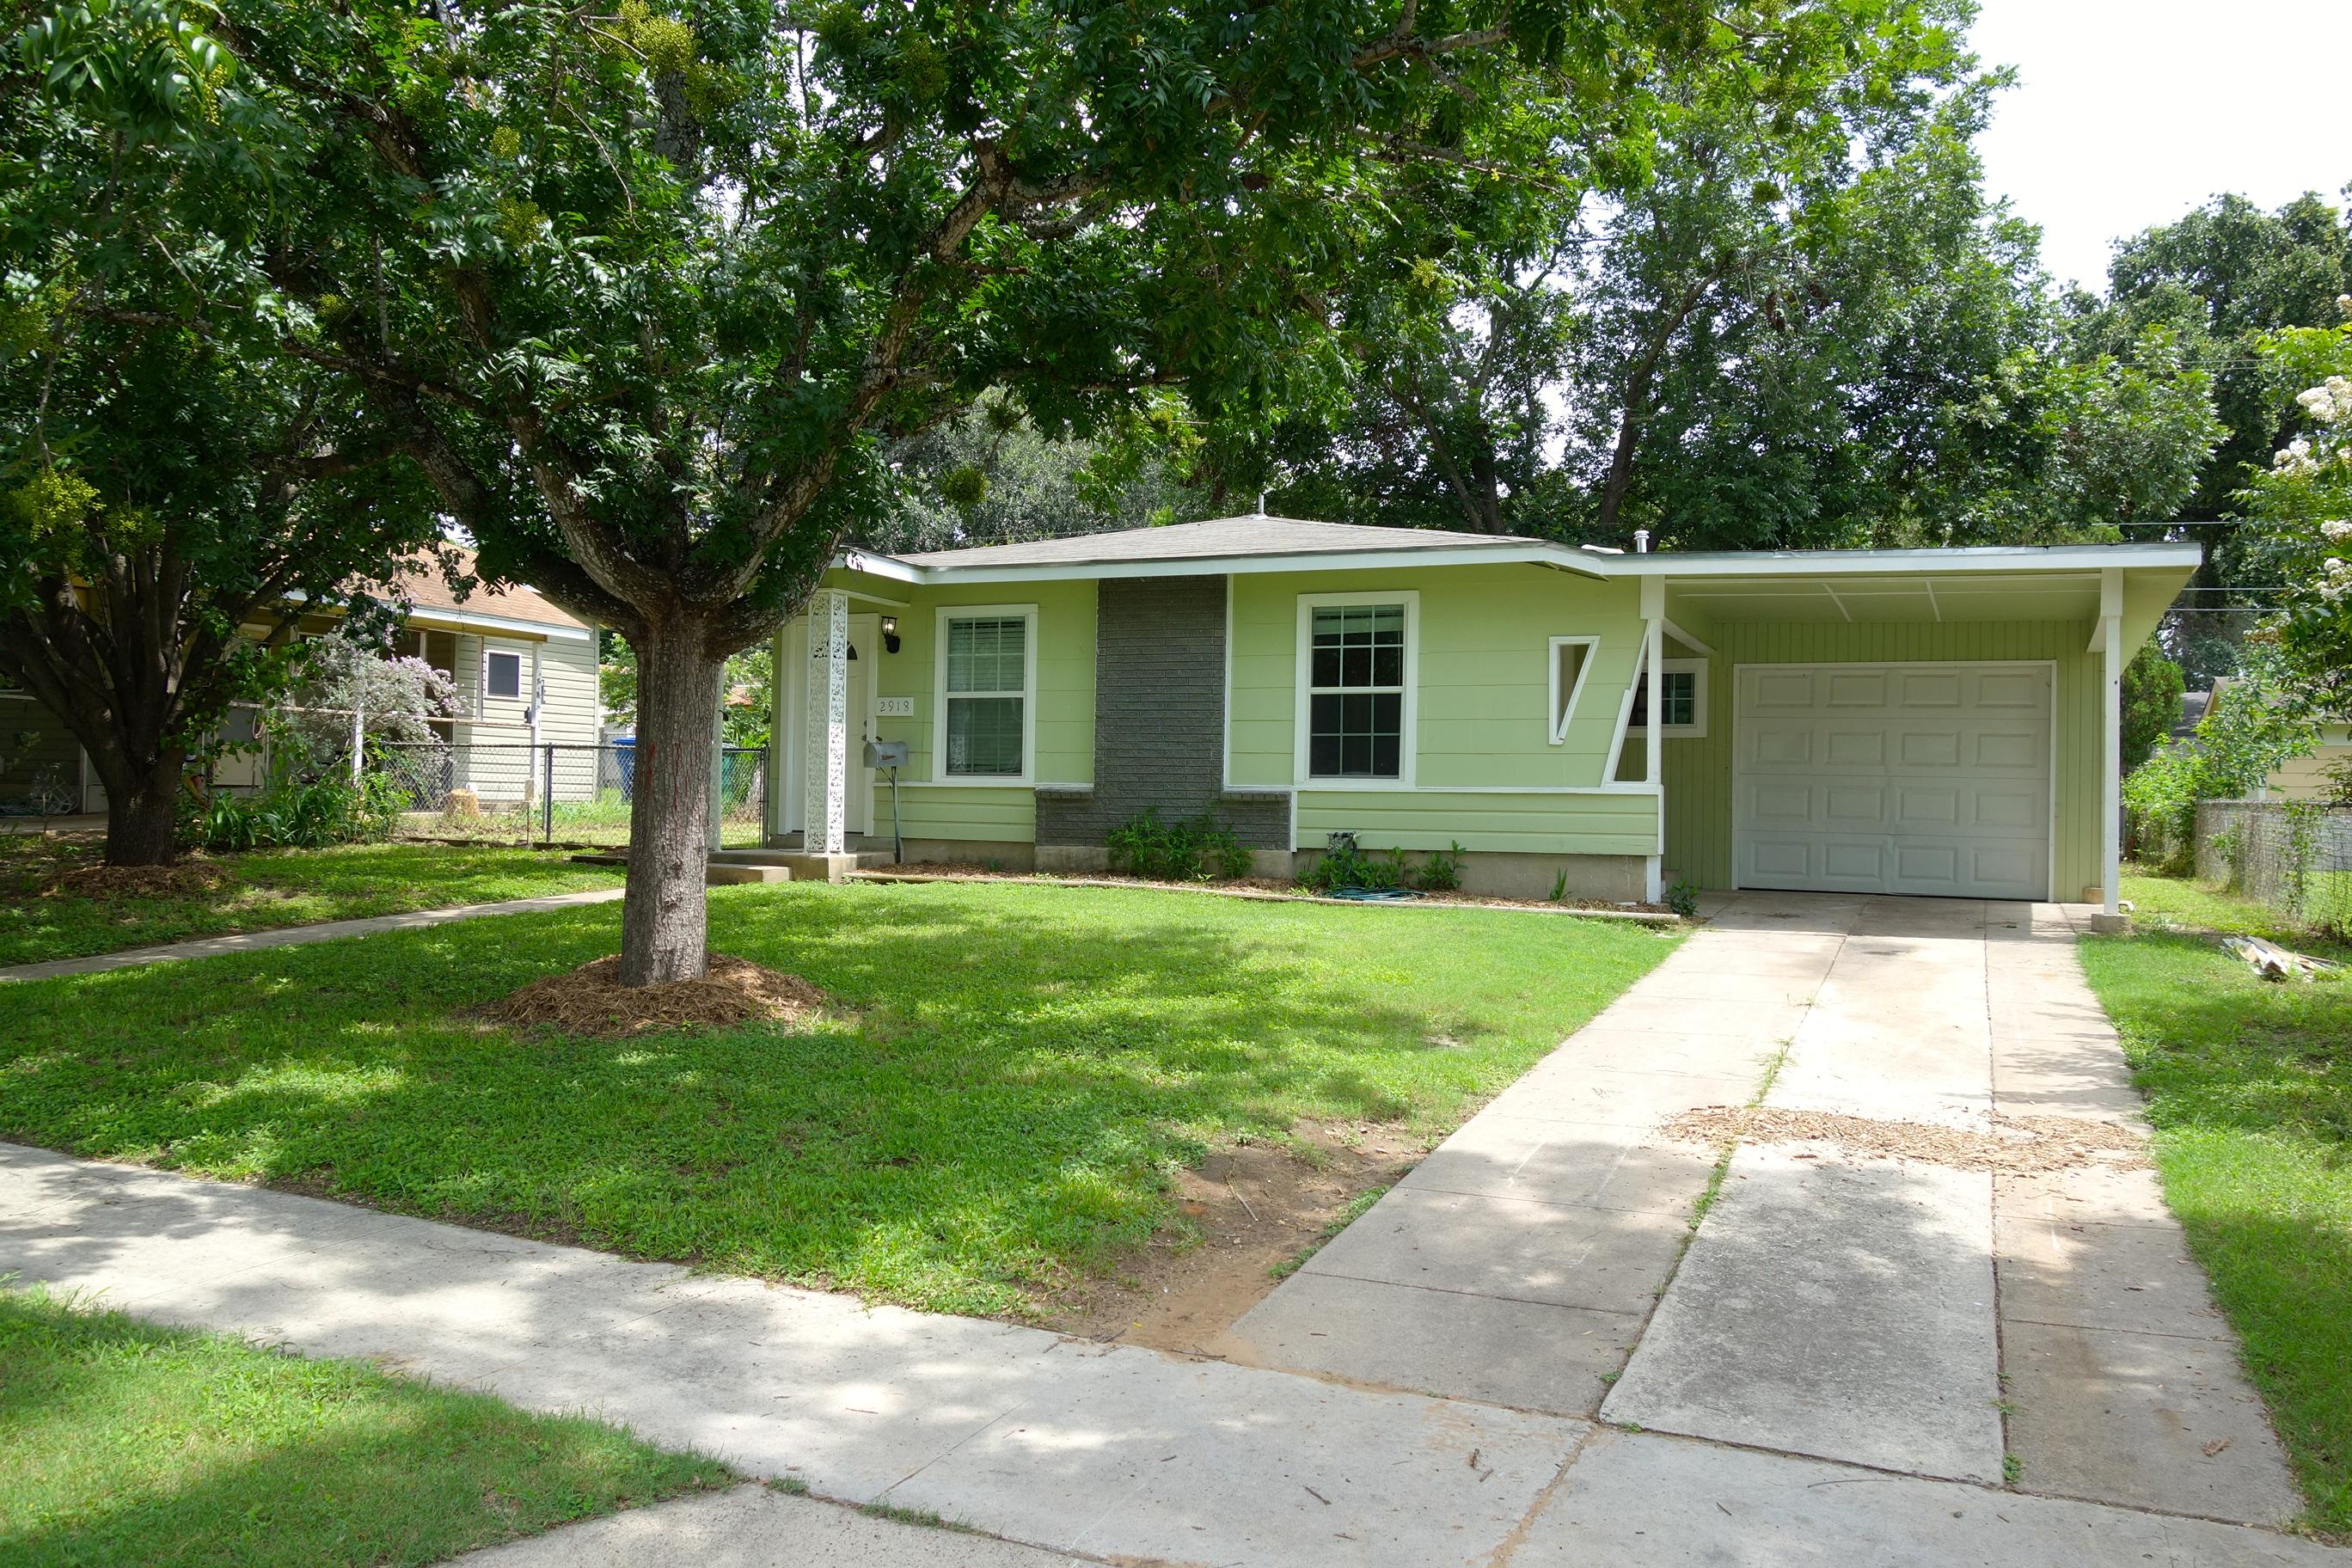 2918 Jasper st, San Antonio, Texas 78223